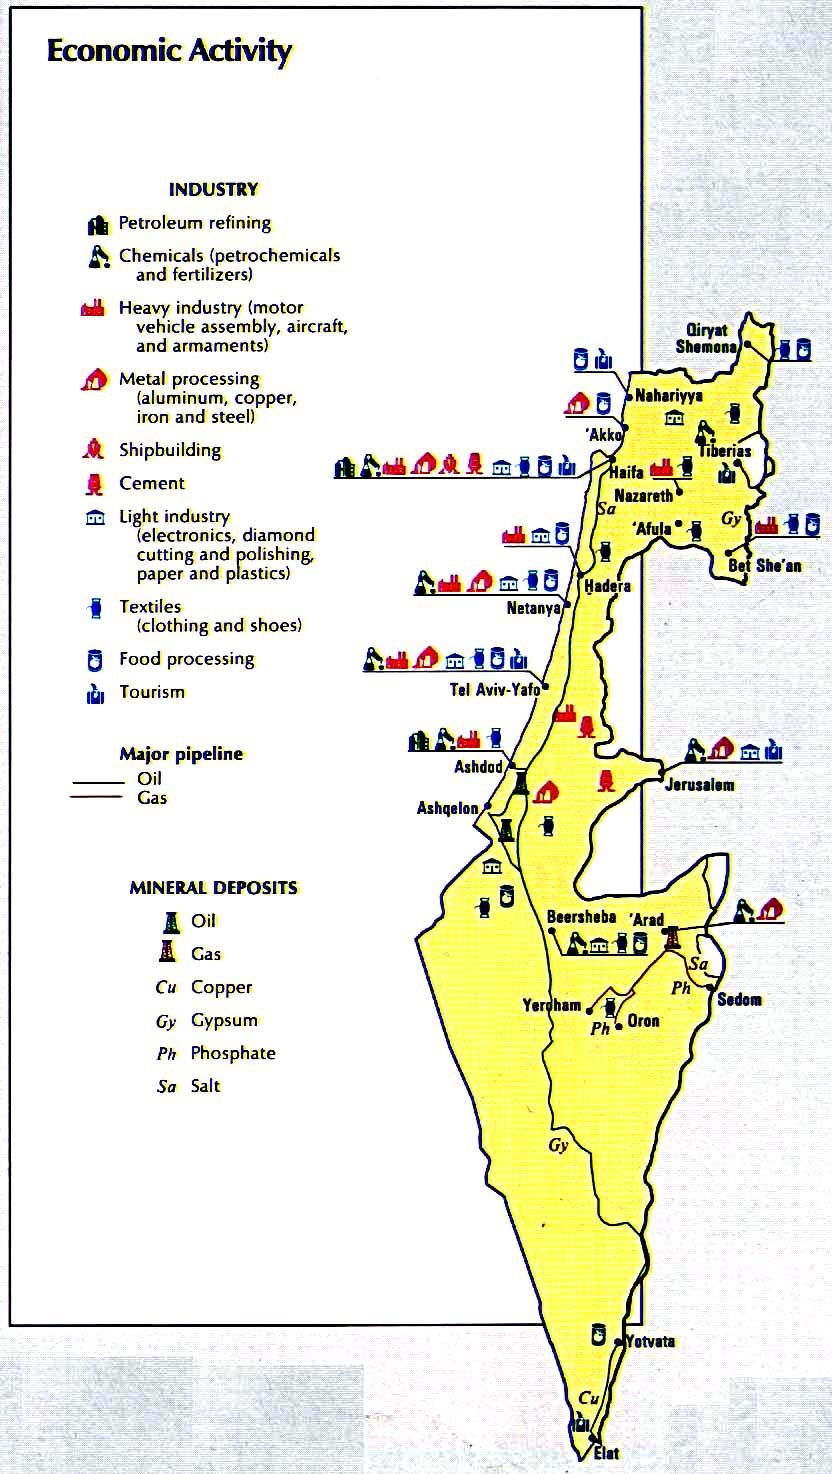 Mapa de la Actividad Económica de Israel